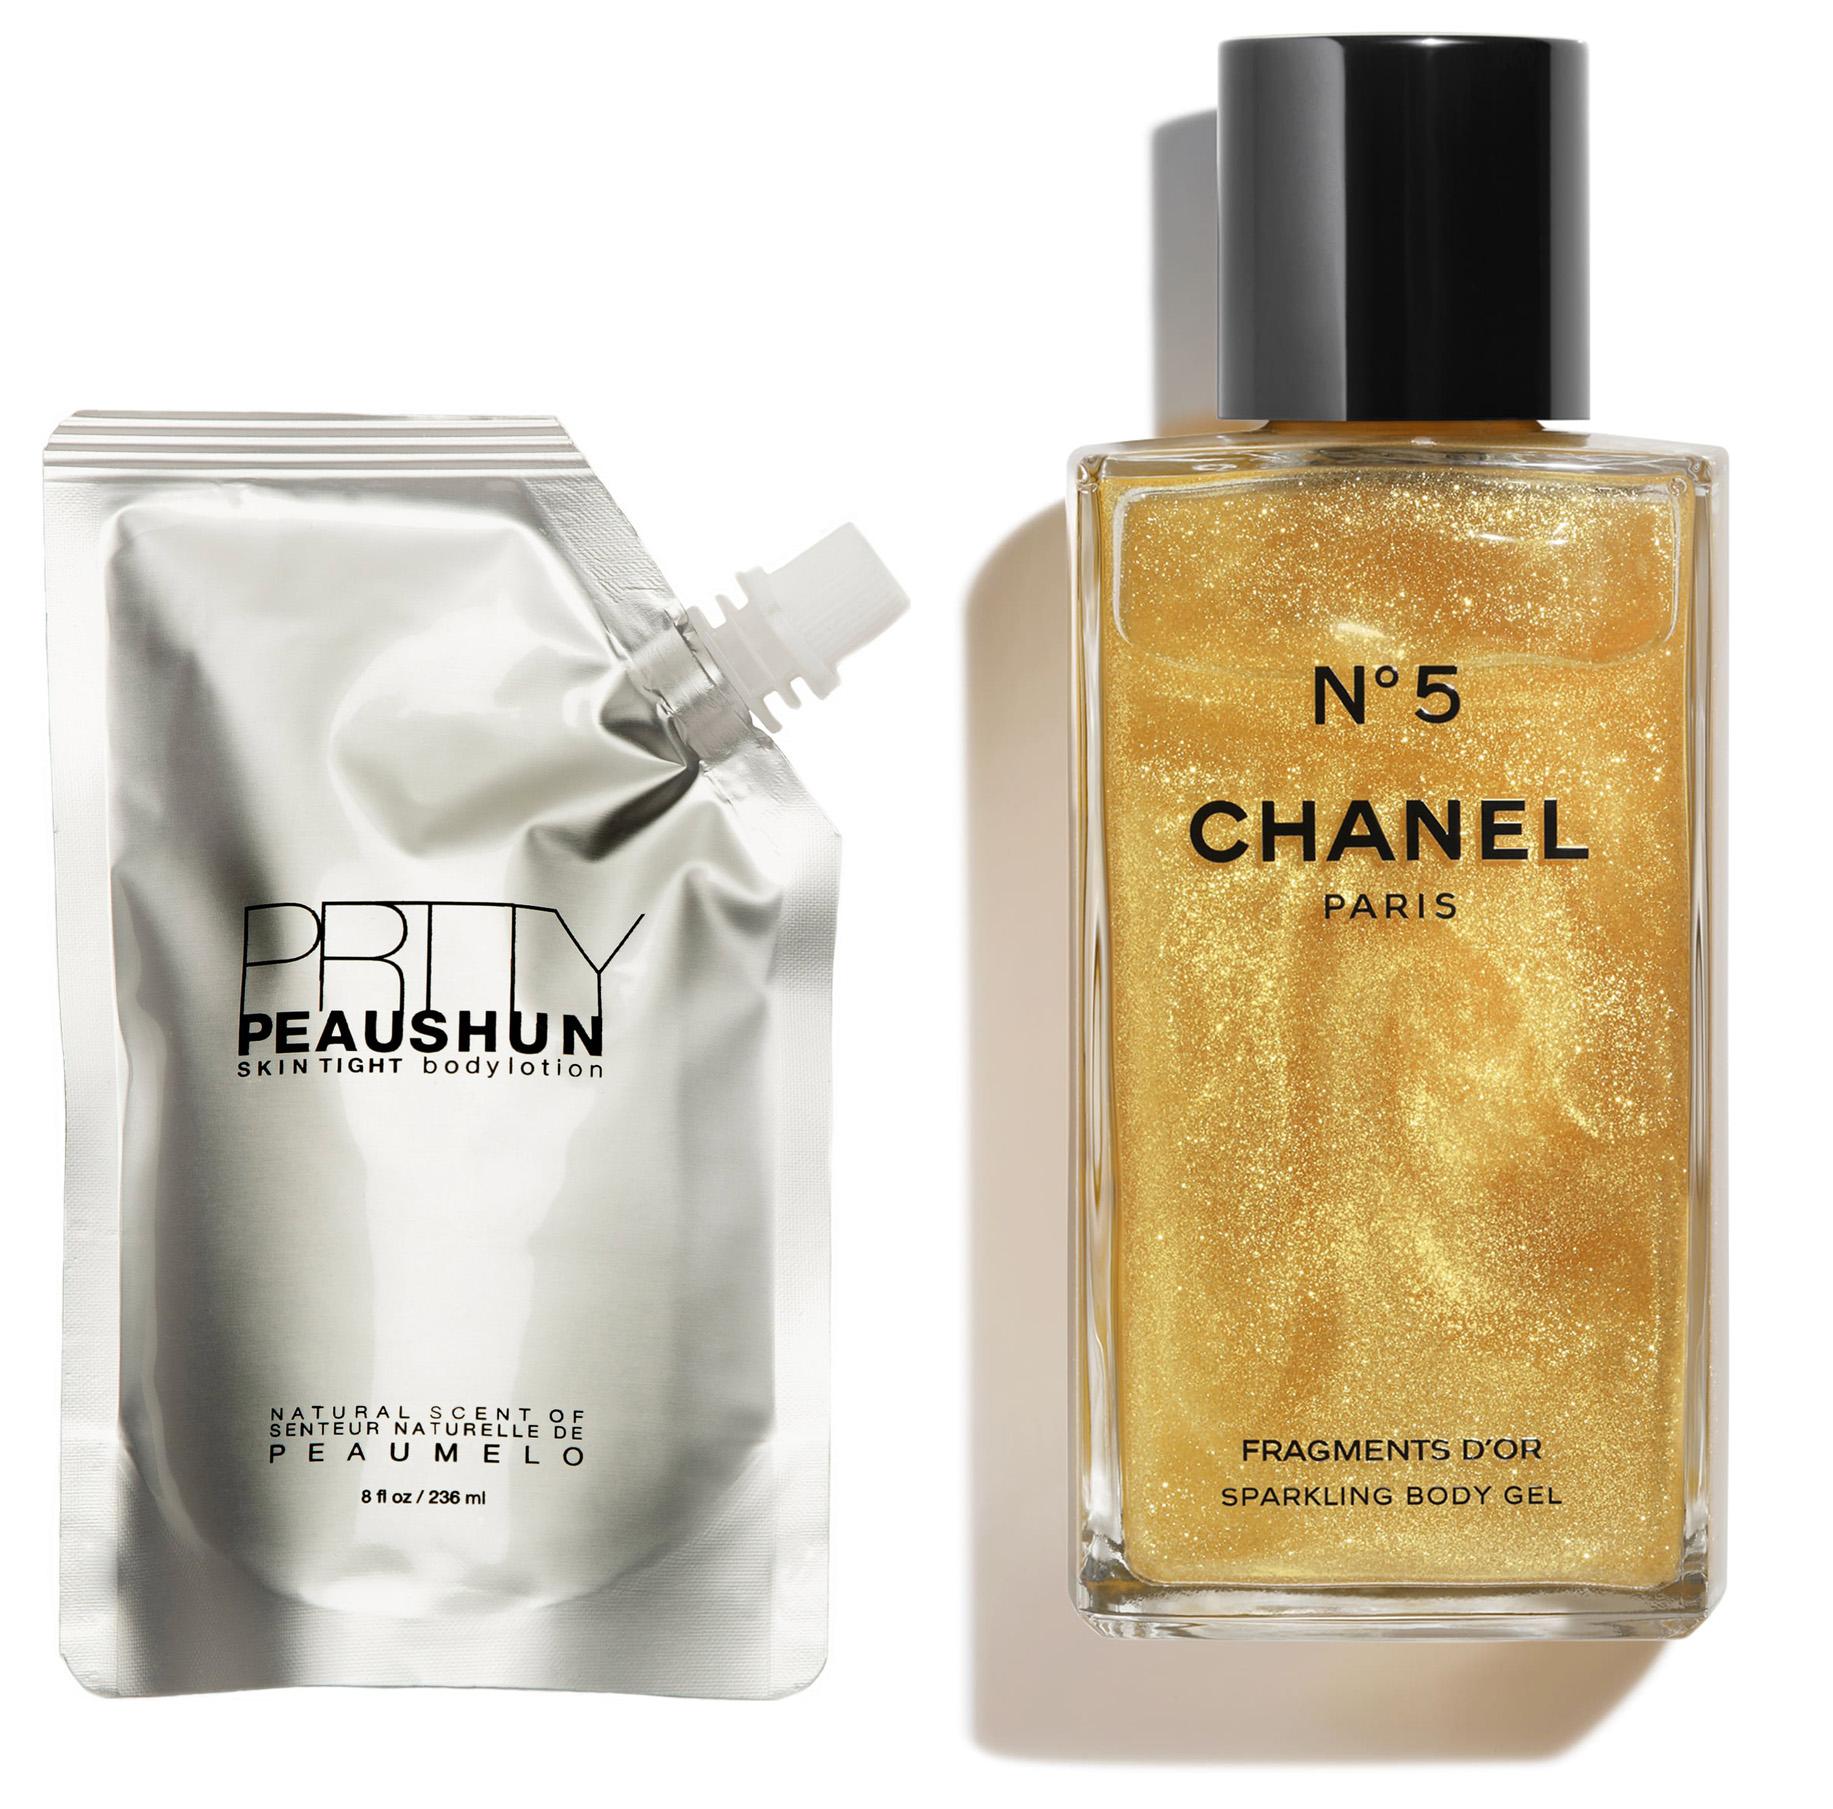 Loción corporal de Prtty Peaushen y gel corporal de Chanel